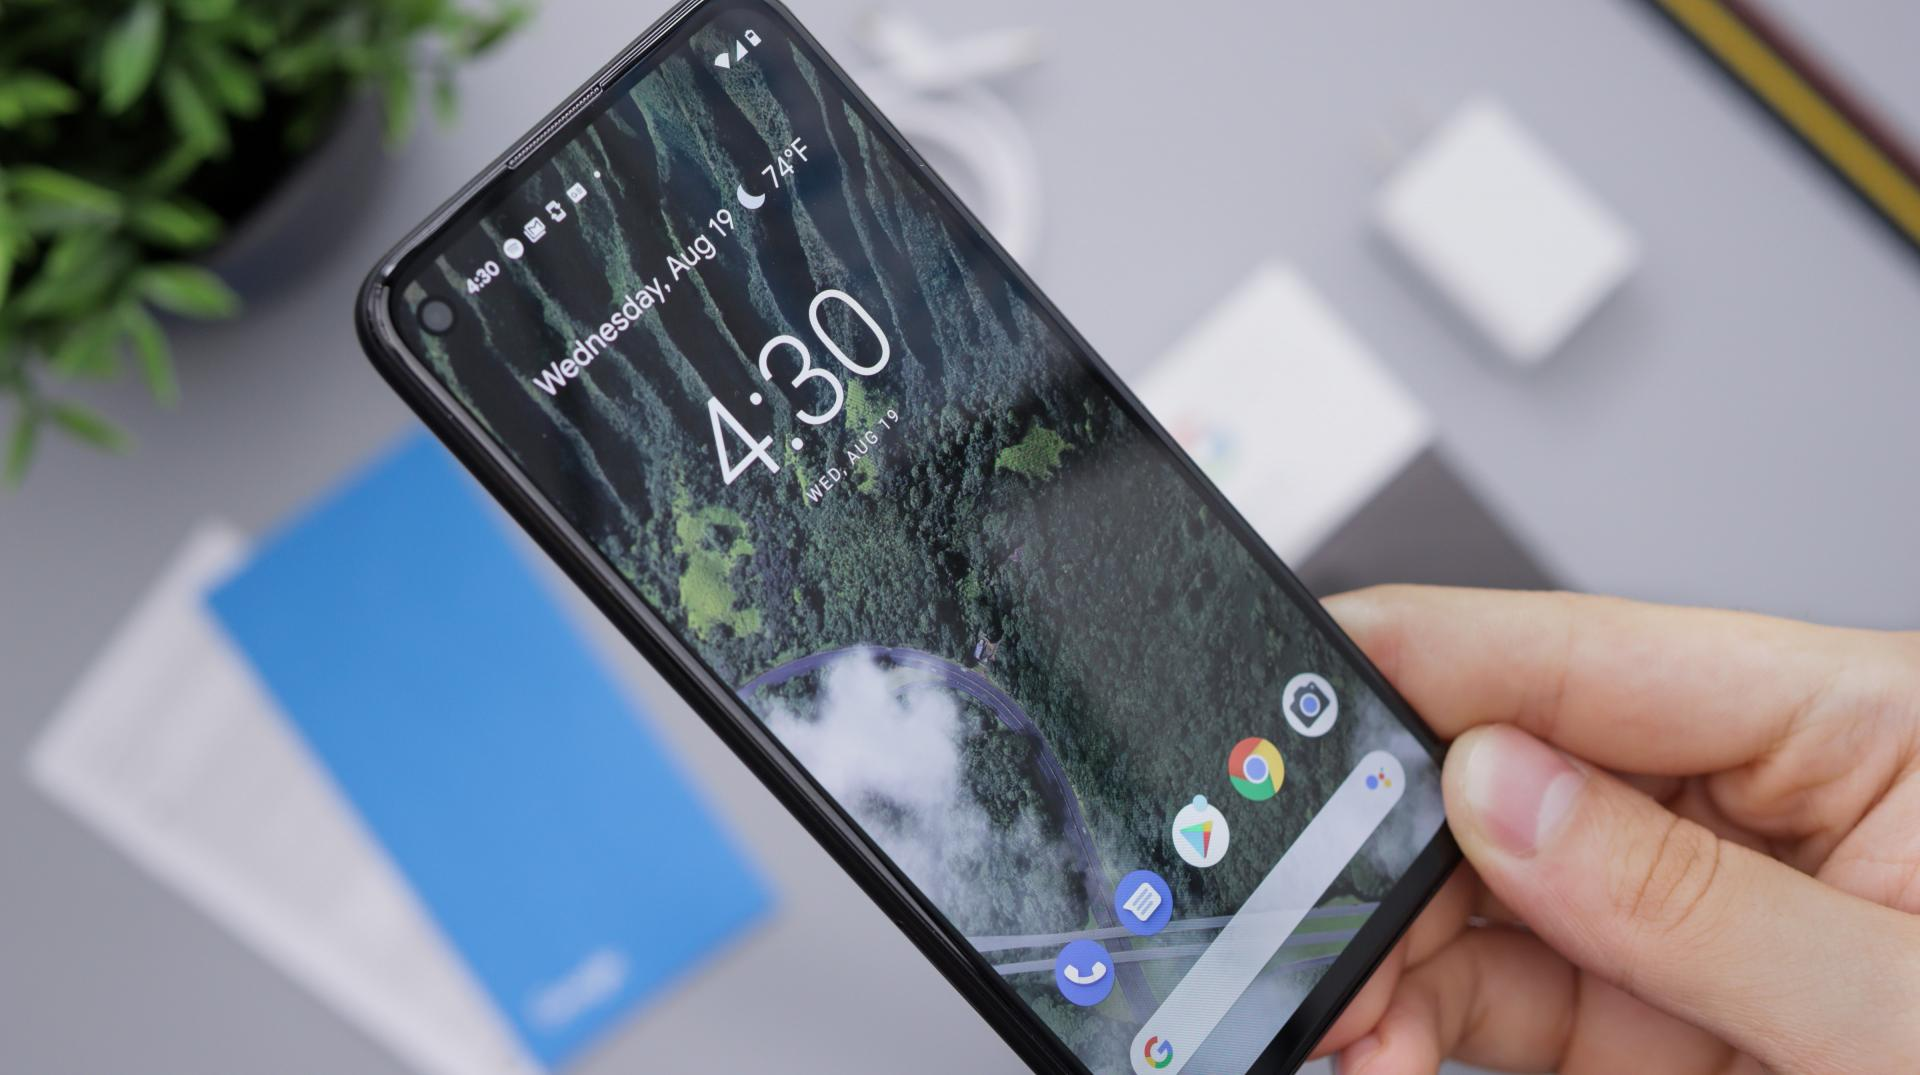 Смартфоны забирают всреднем9 лет нашей жизни